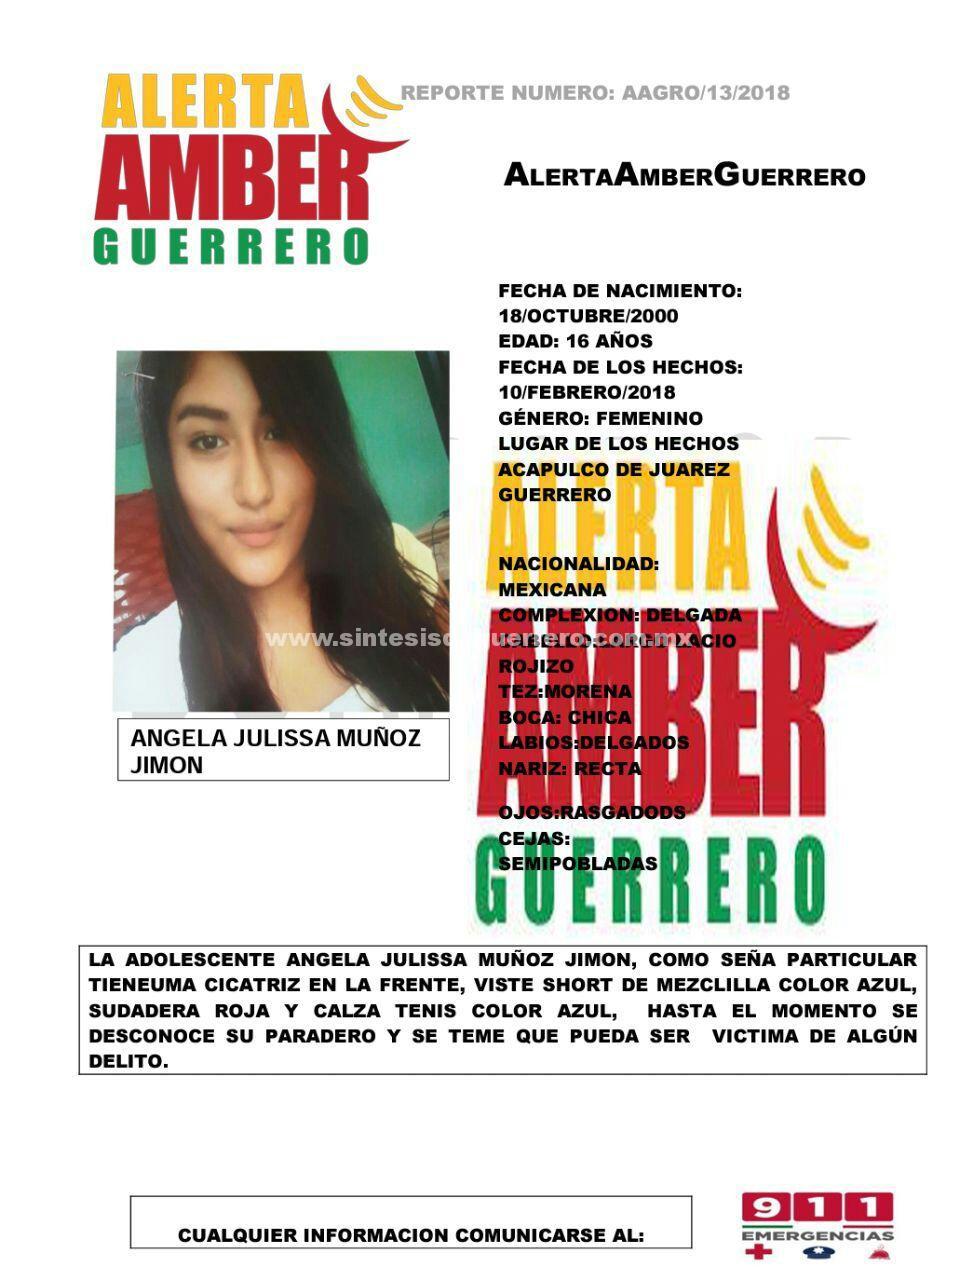 Siete mujeres asesinadas y dos desaparecidas, durante los primeros 10 días de febrero